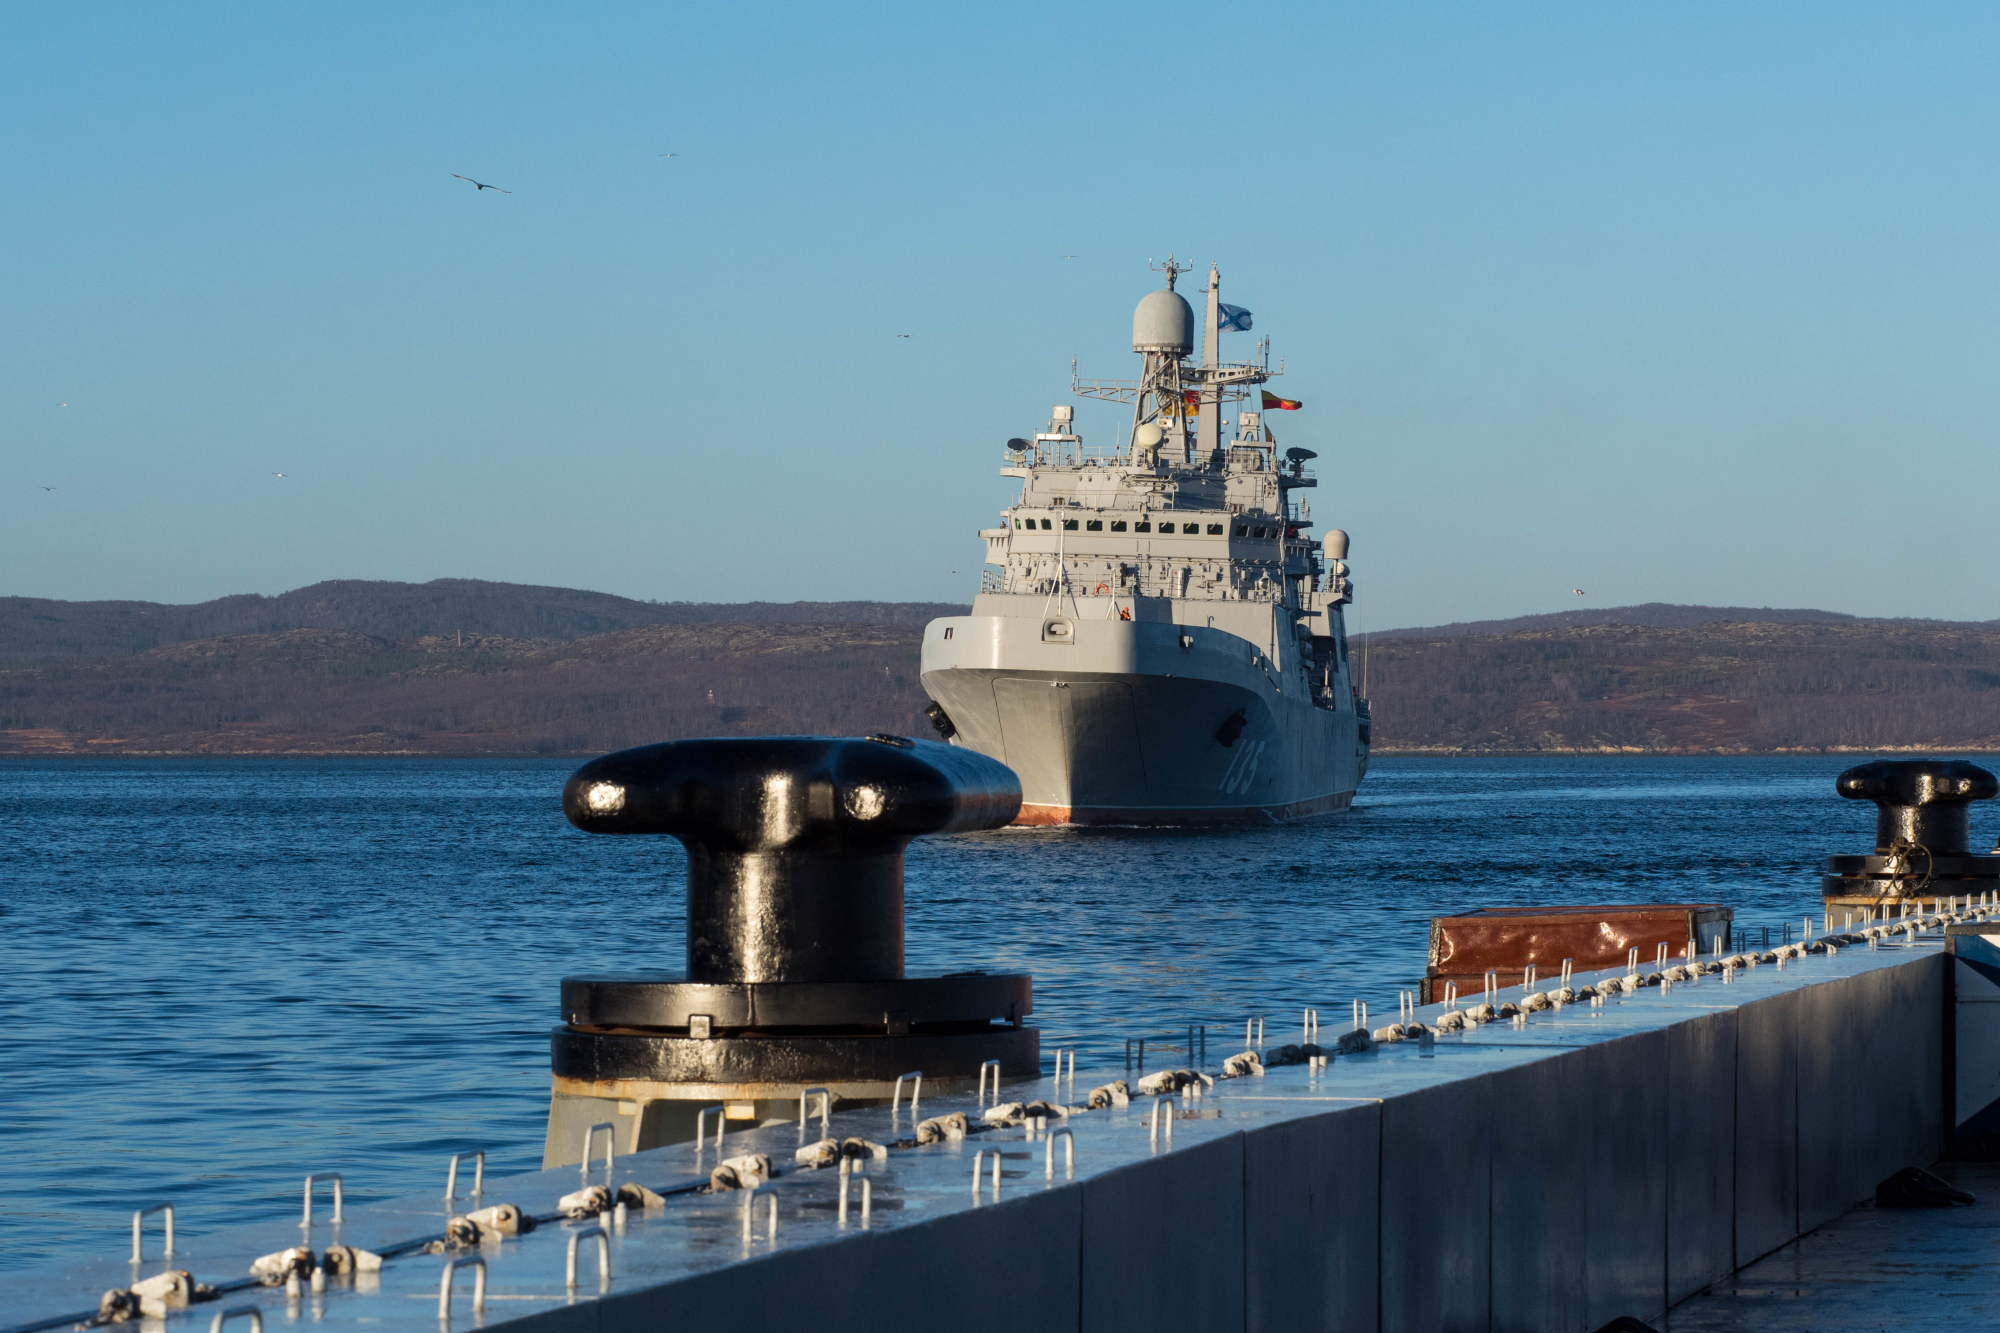 Большой десантный корабль «Иван Грен» прибыл к месту базирования на Северный флот